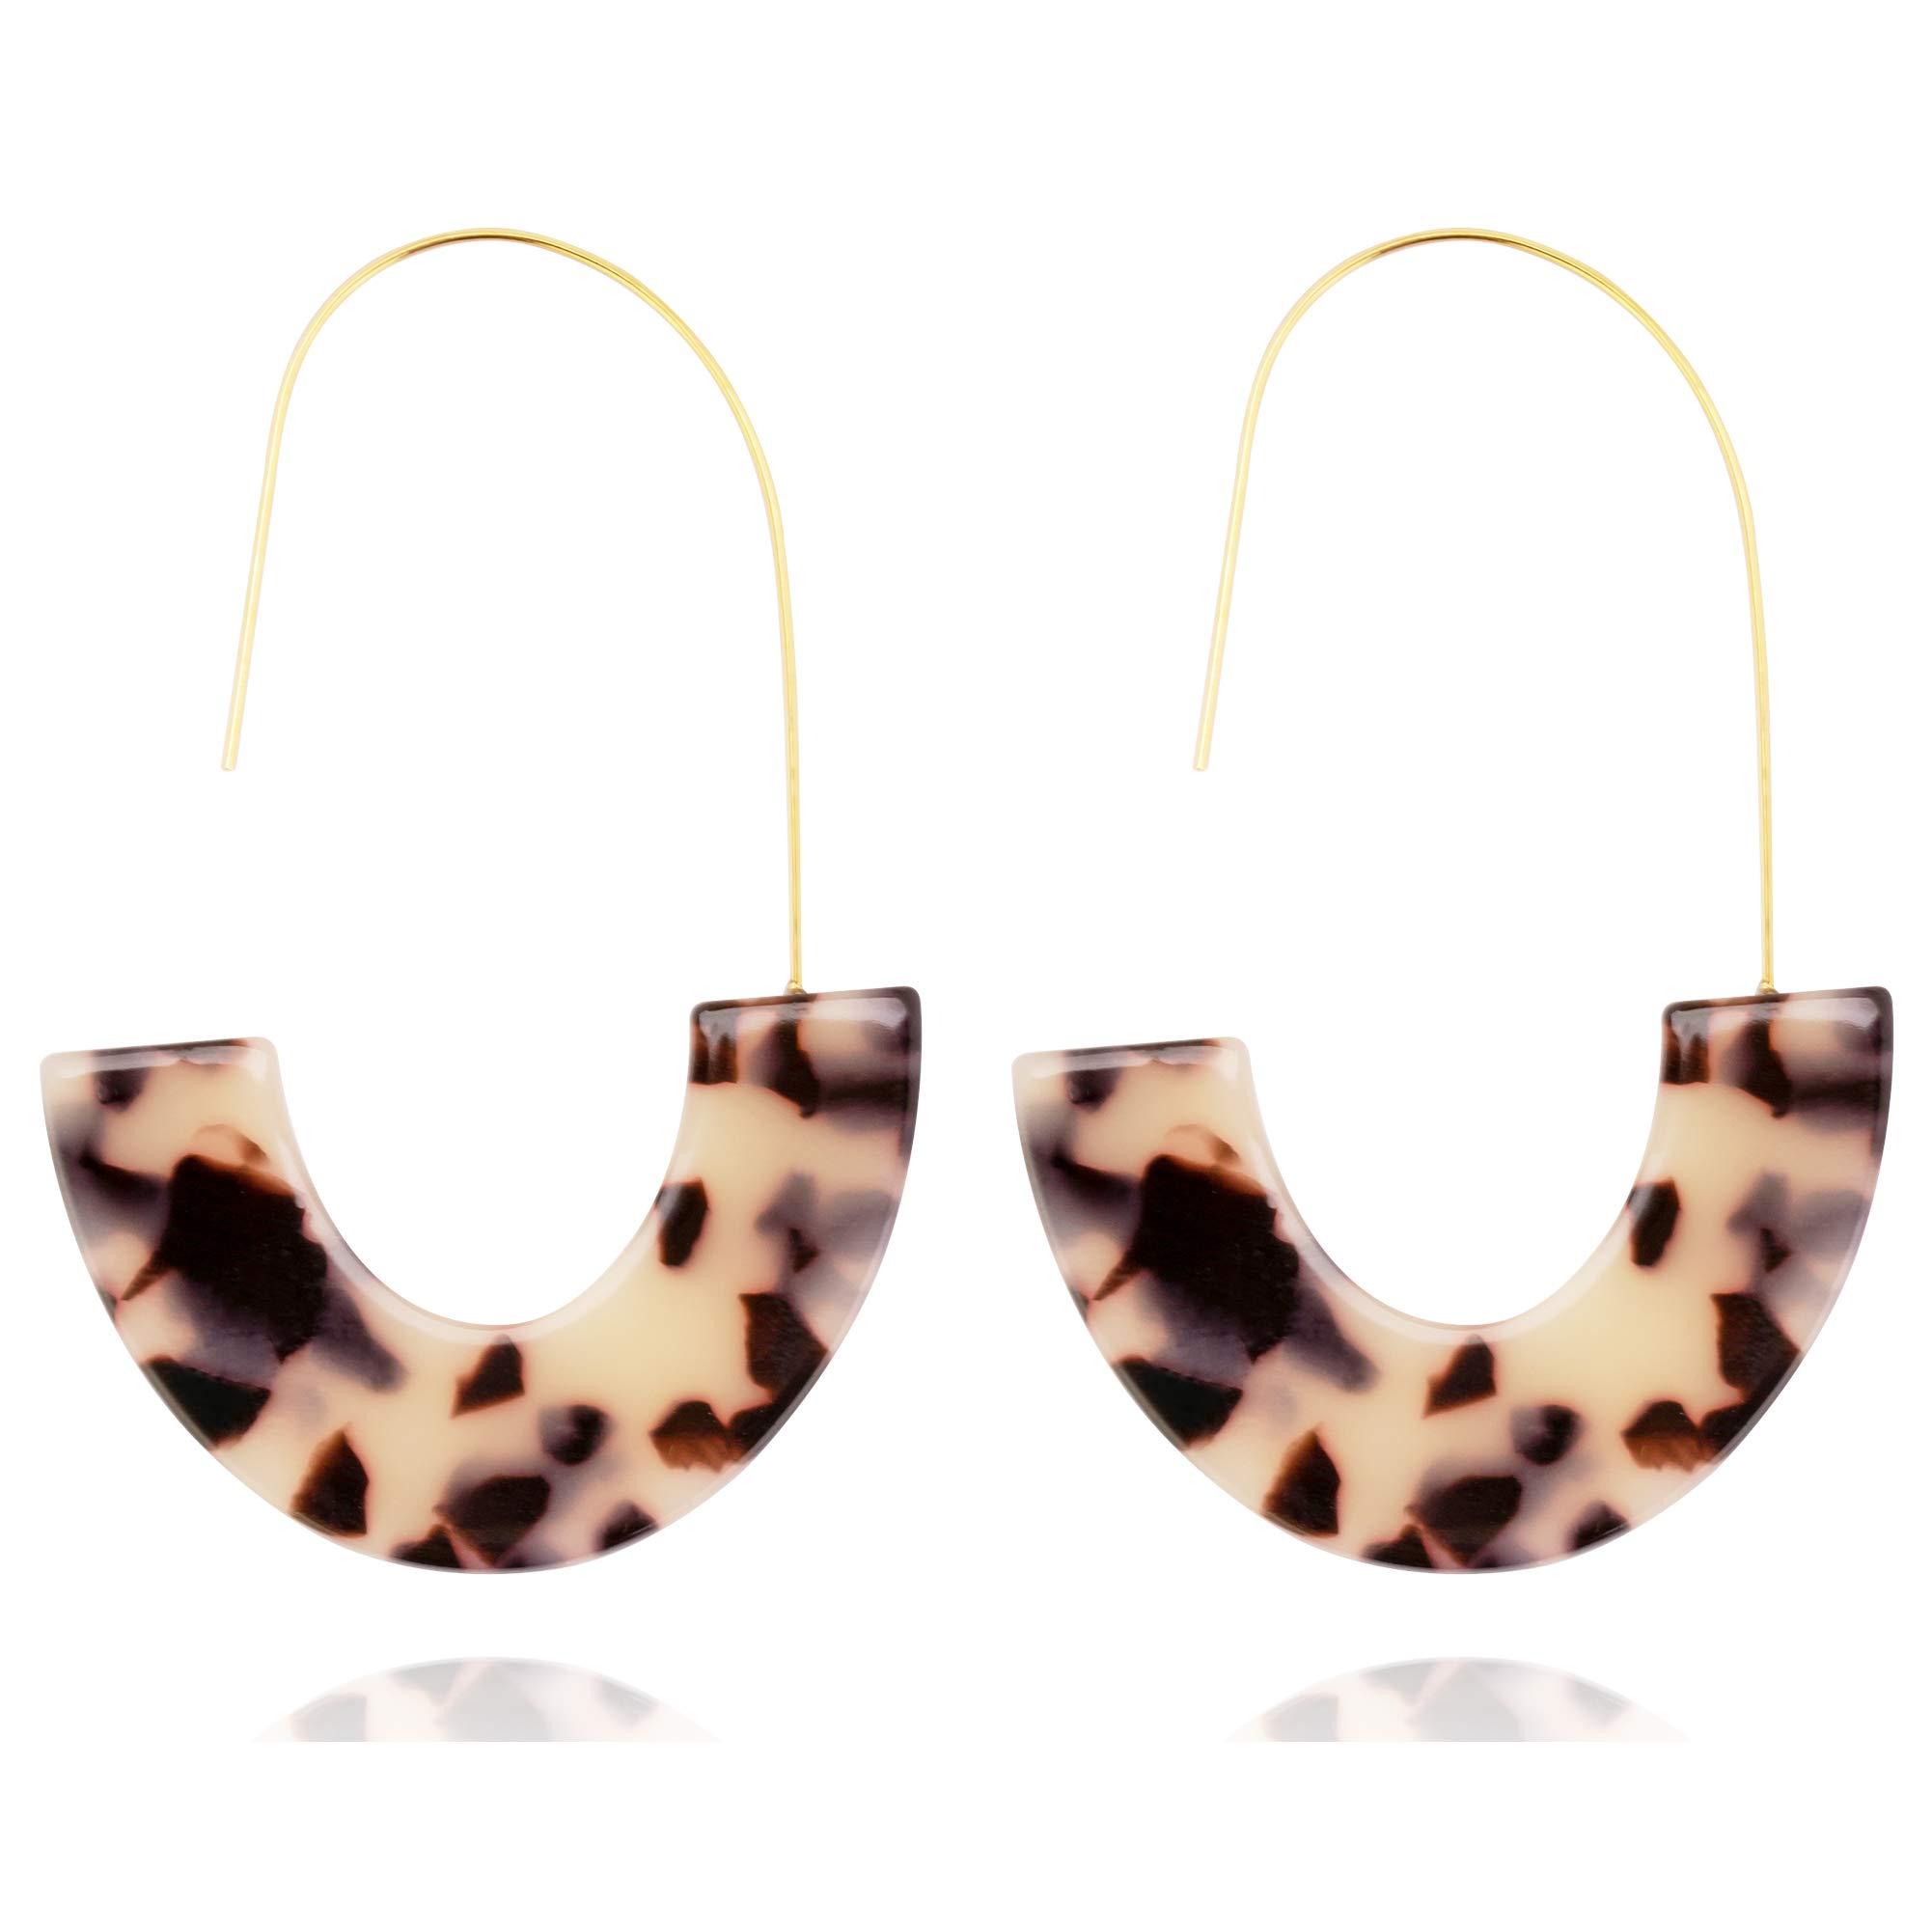 Acrylic Statement Earrings Tortoise Shell Earrings Fashion Jewelry Big Drop Earrings For Women